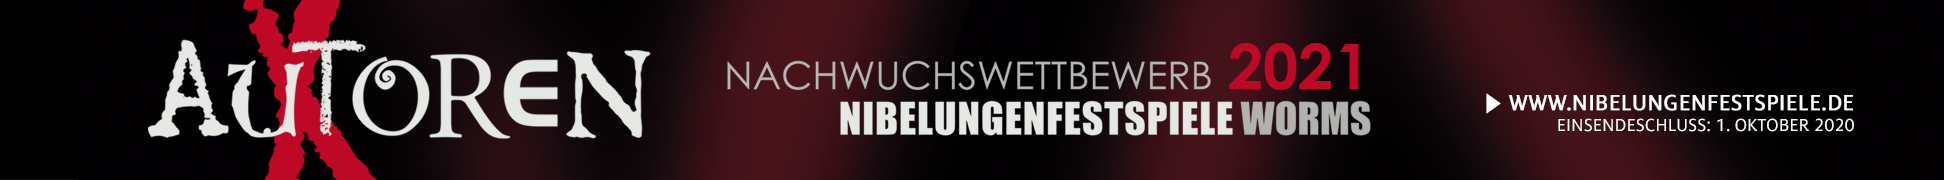 Autorenwettbewerb der Nibelungen Festspiele in Worms 2021